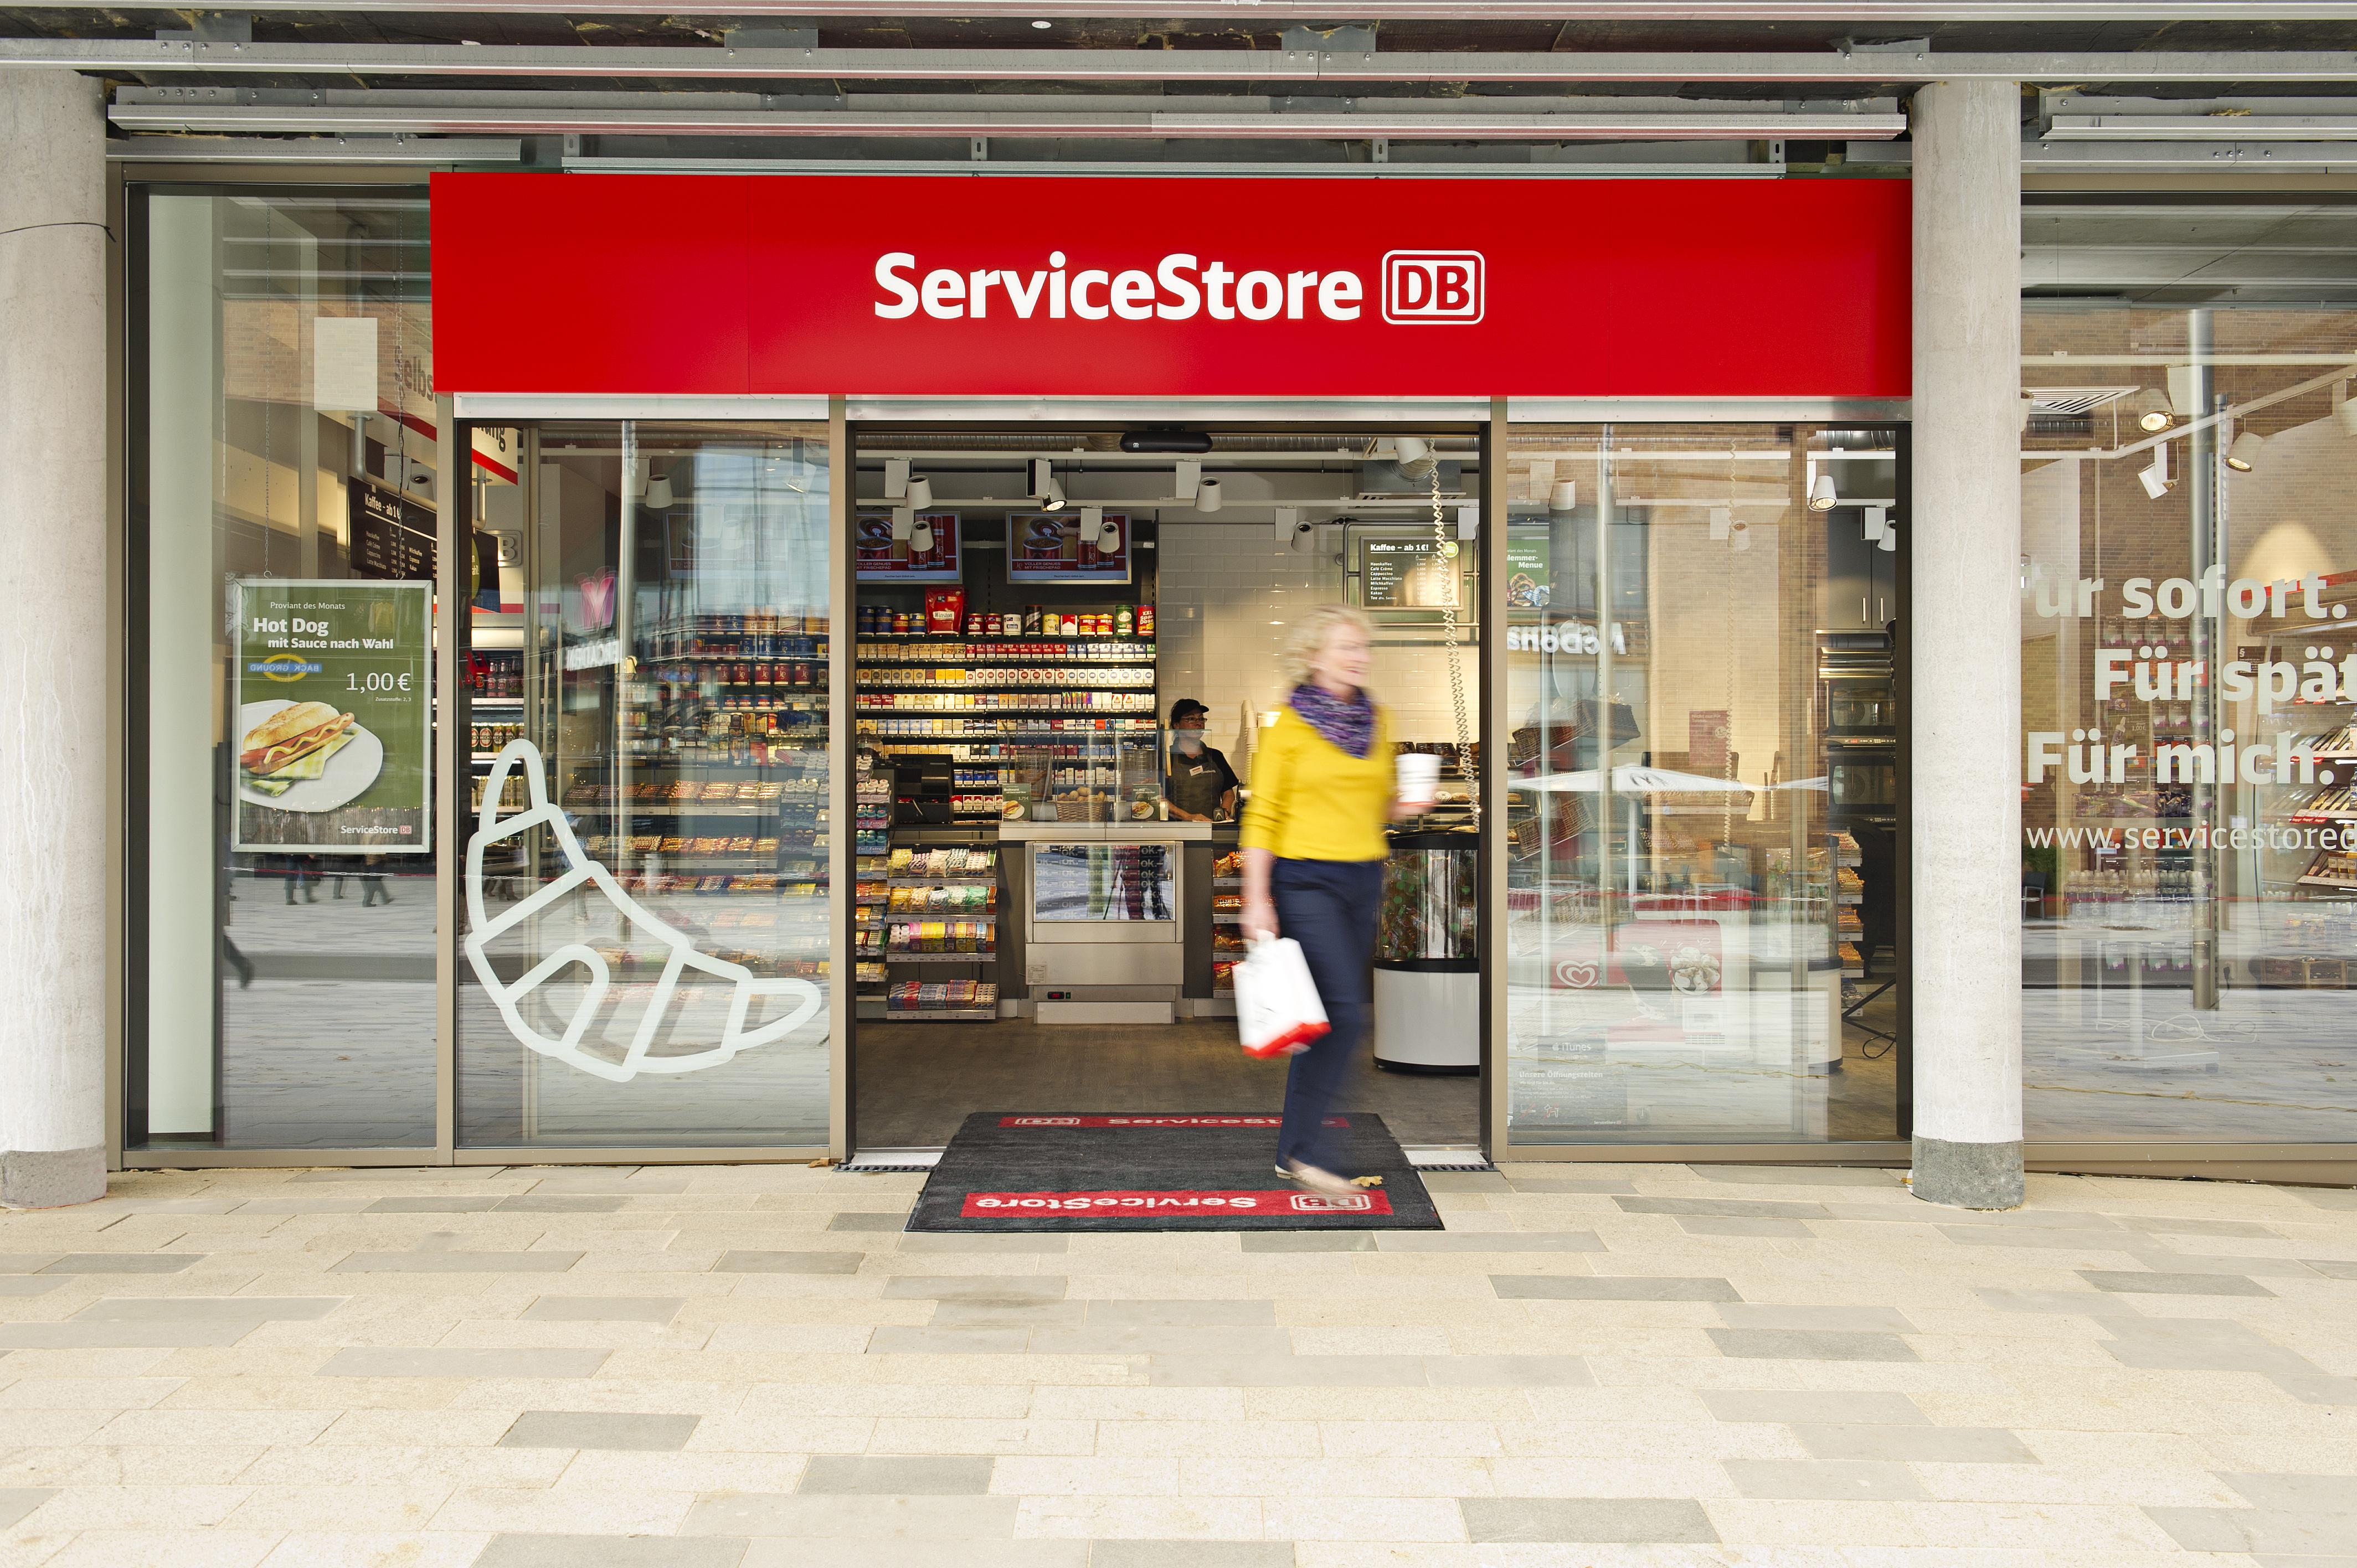 ServiceStore DB - Bahnhof Leverkusen Mitte